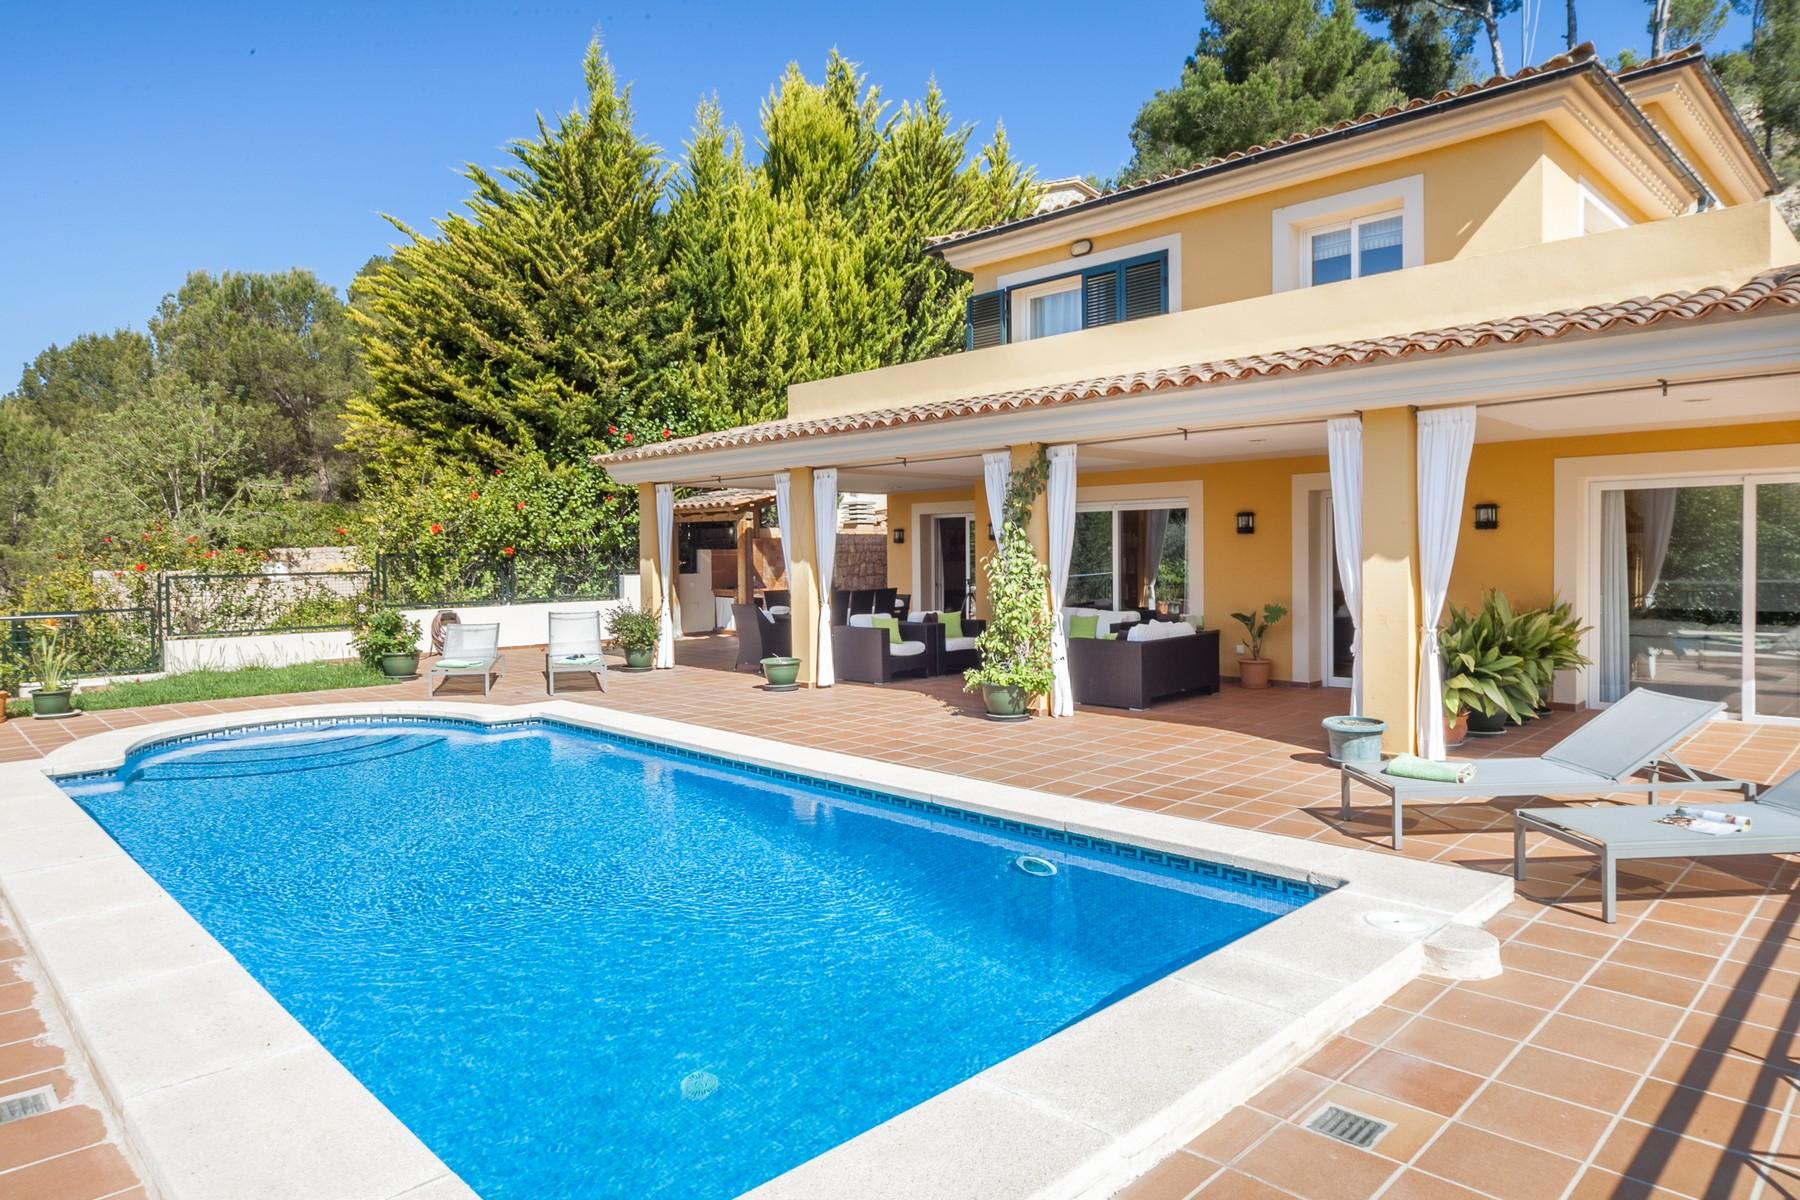 一戸建て のために 売買 アット Villa with panoramic views in Bendinat Bendinat, マヨルカ, 07003 スペイン